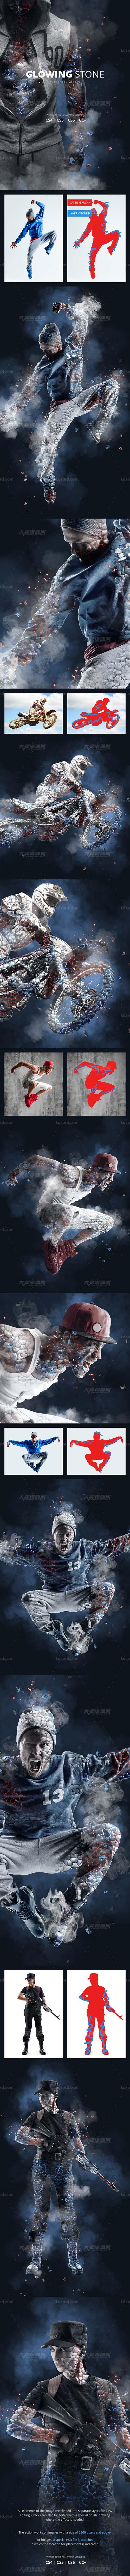 极品PS动作-光裂卵石(含高清视频教程):Glowing Stone Photoshop Action